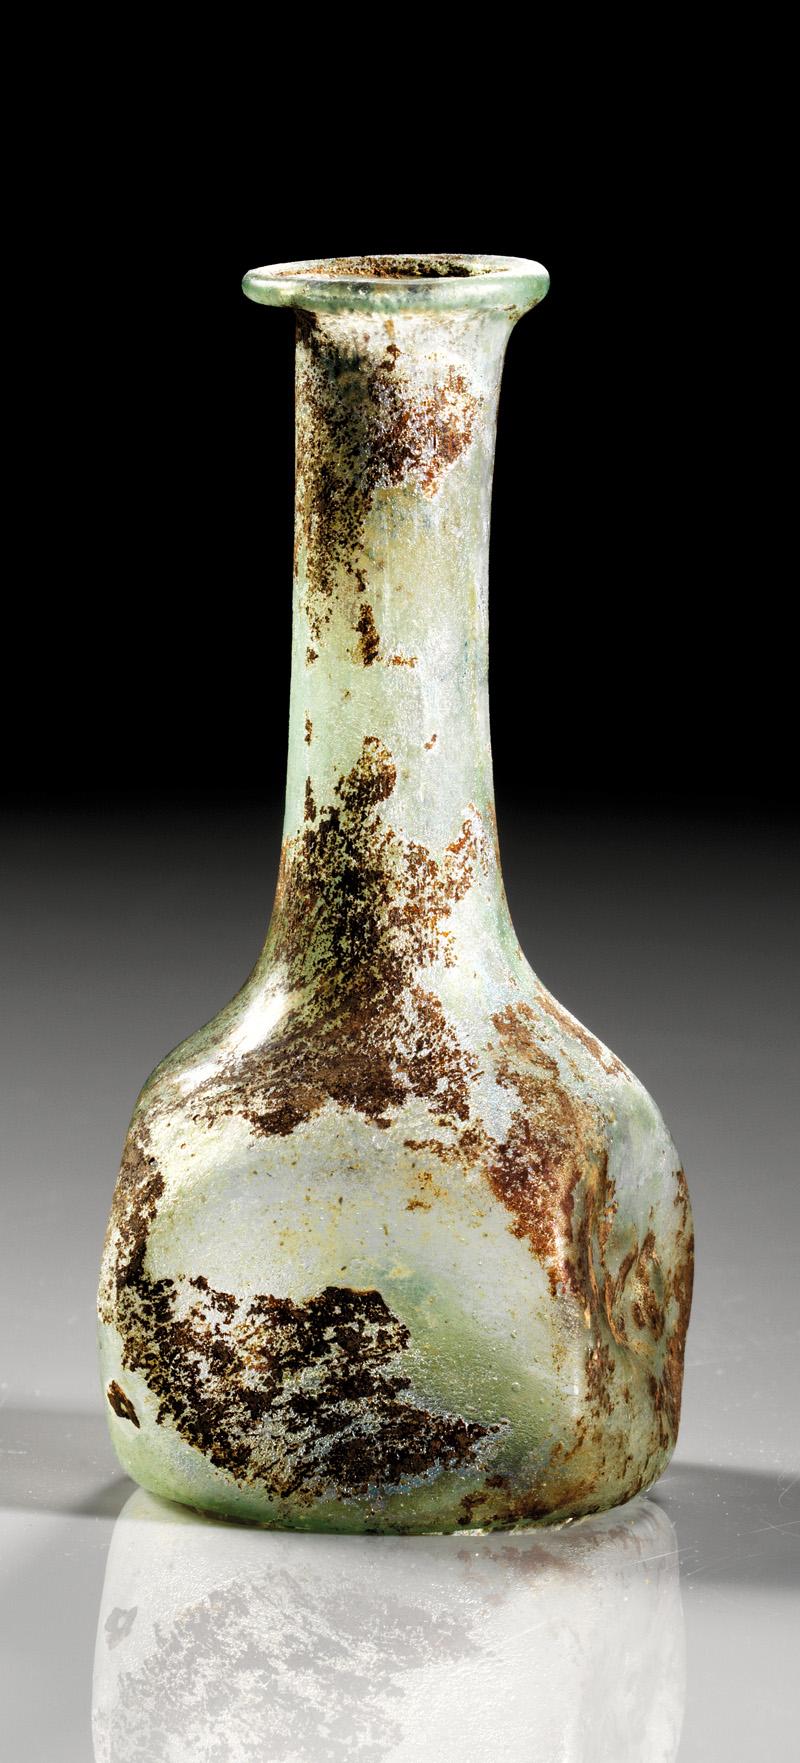 Lot 22 - objekte aus glas  -  Gerhard Hirsch Nachfolger Auktion 335 Antike Kunstobjekte